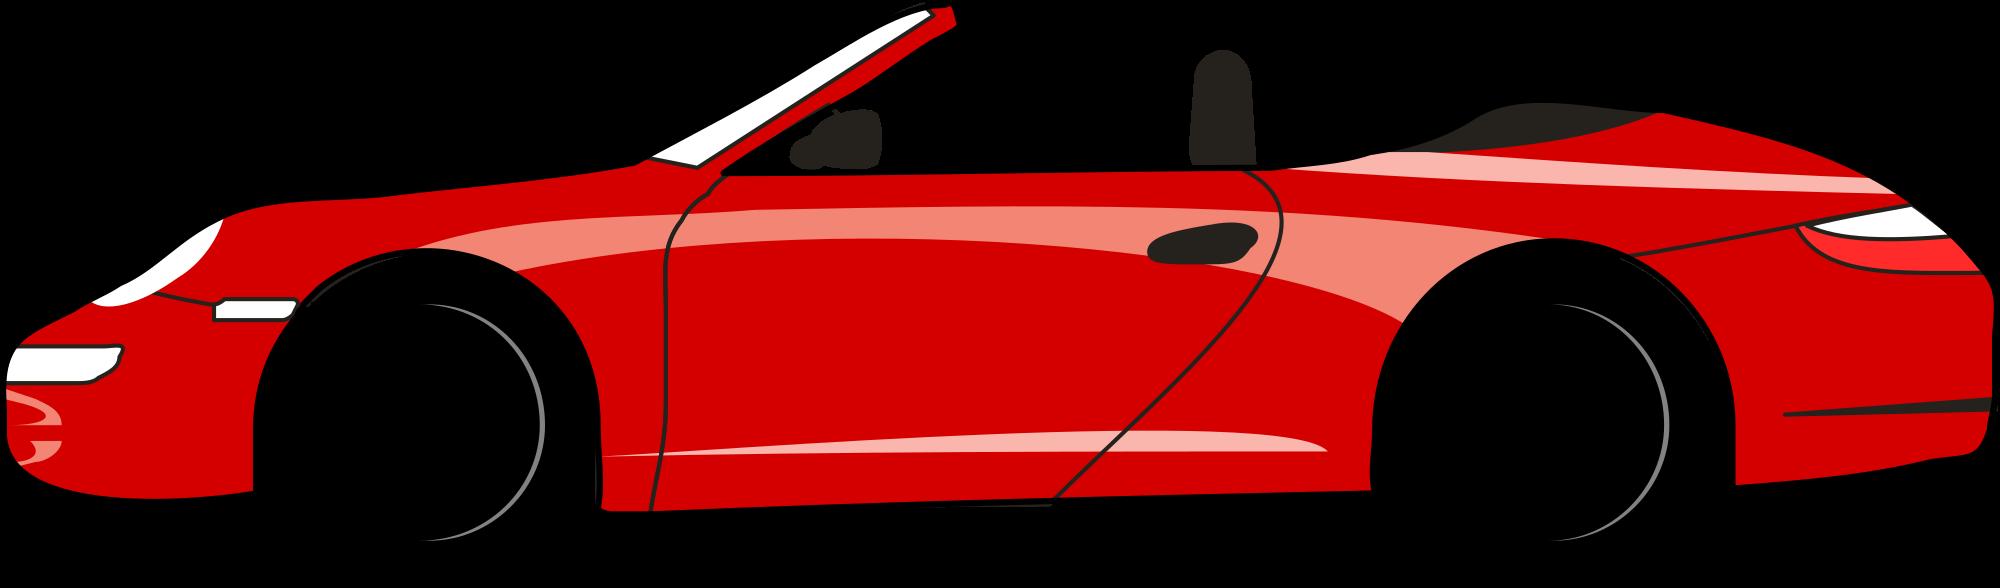 2000x588 Top 67 Cars Clip Art